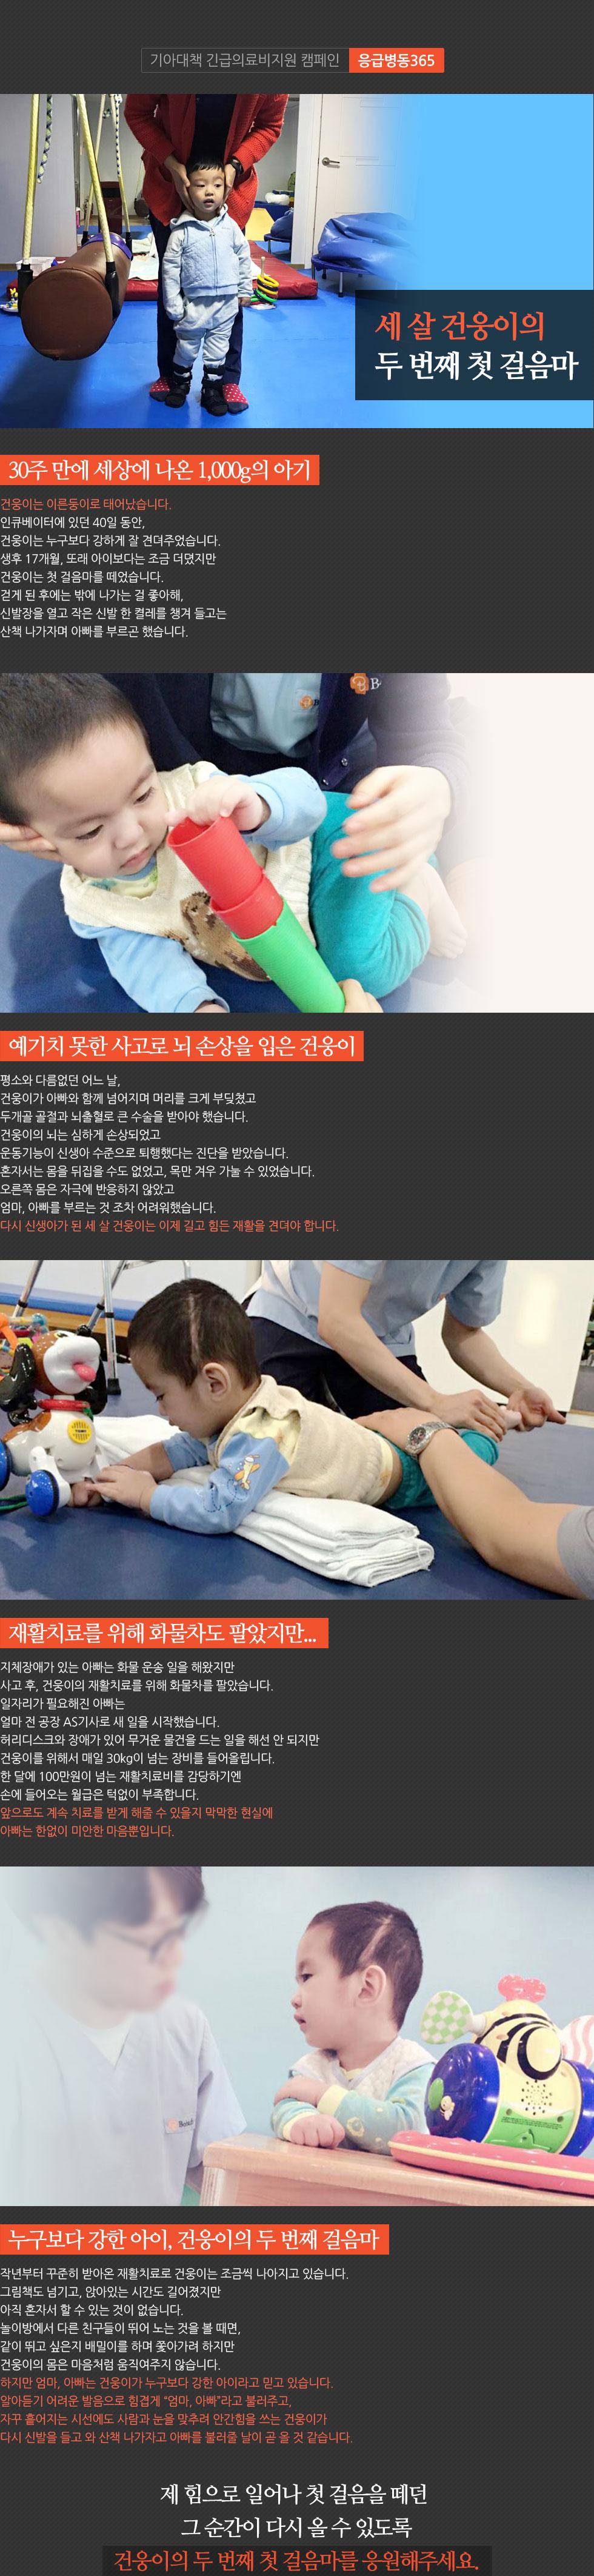 4월 긴급의료비지원 캠페인